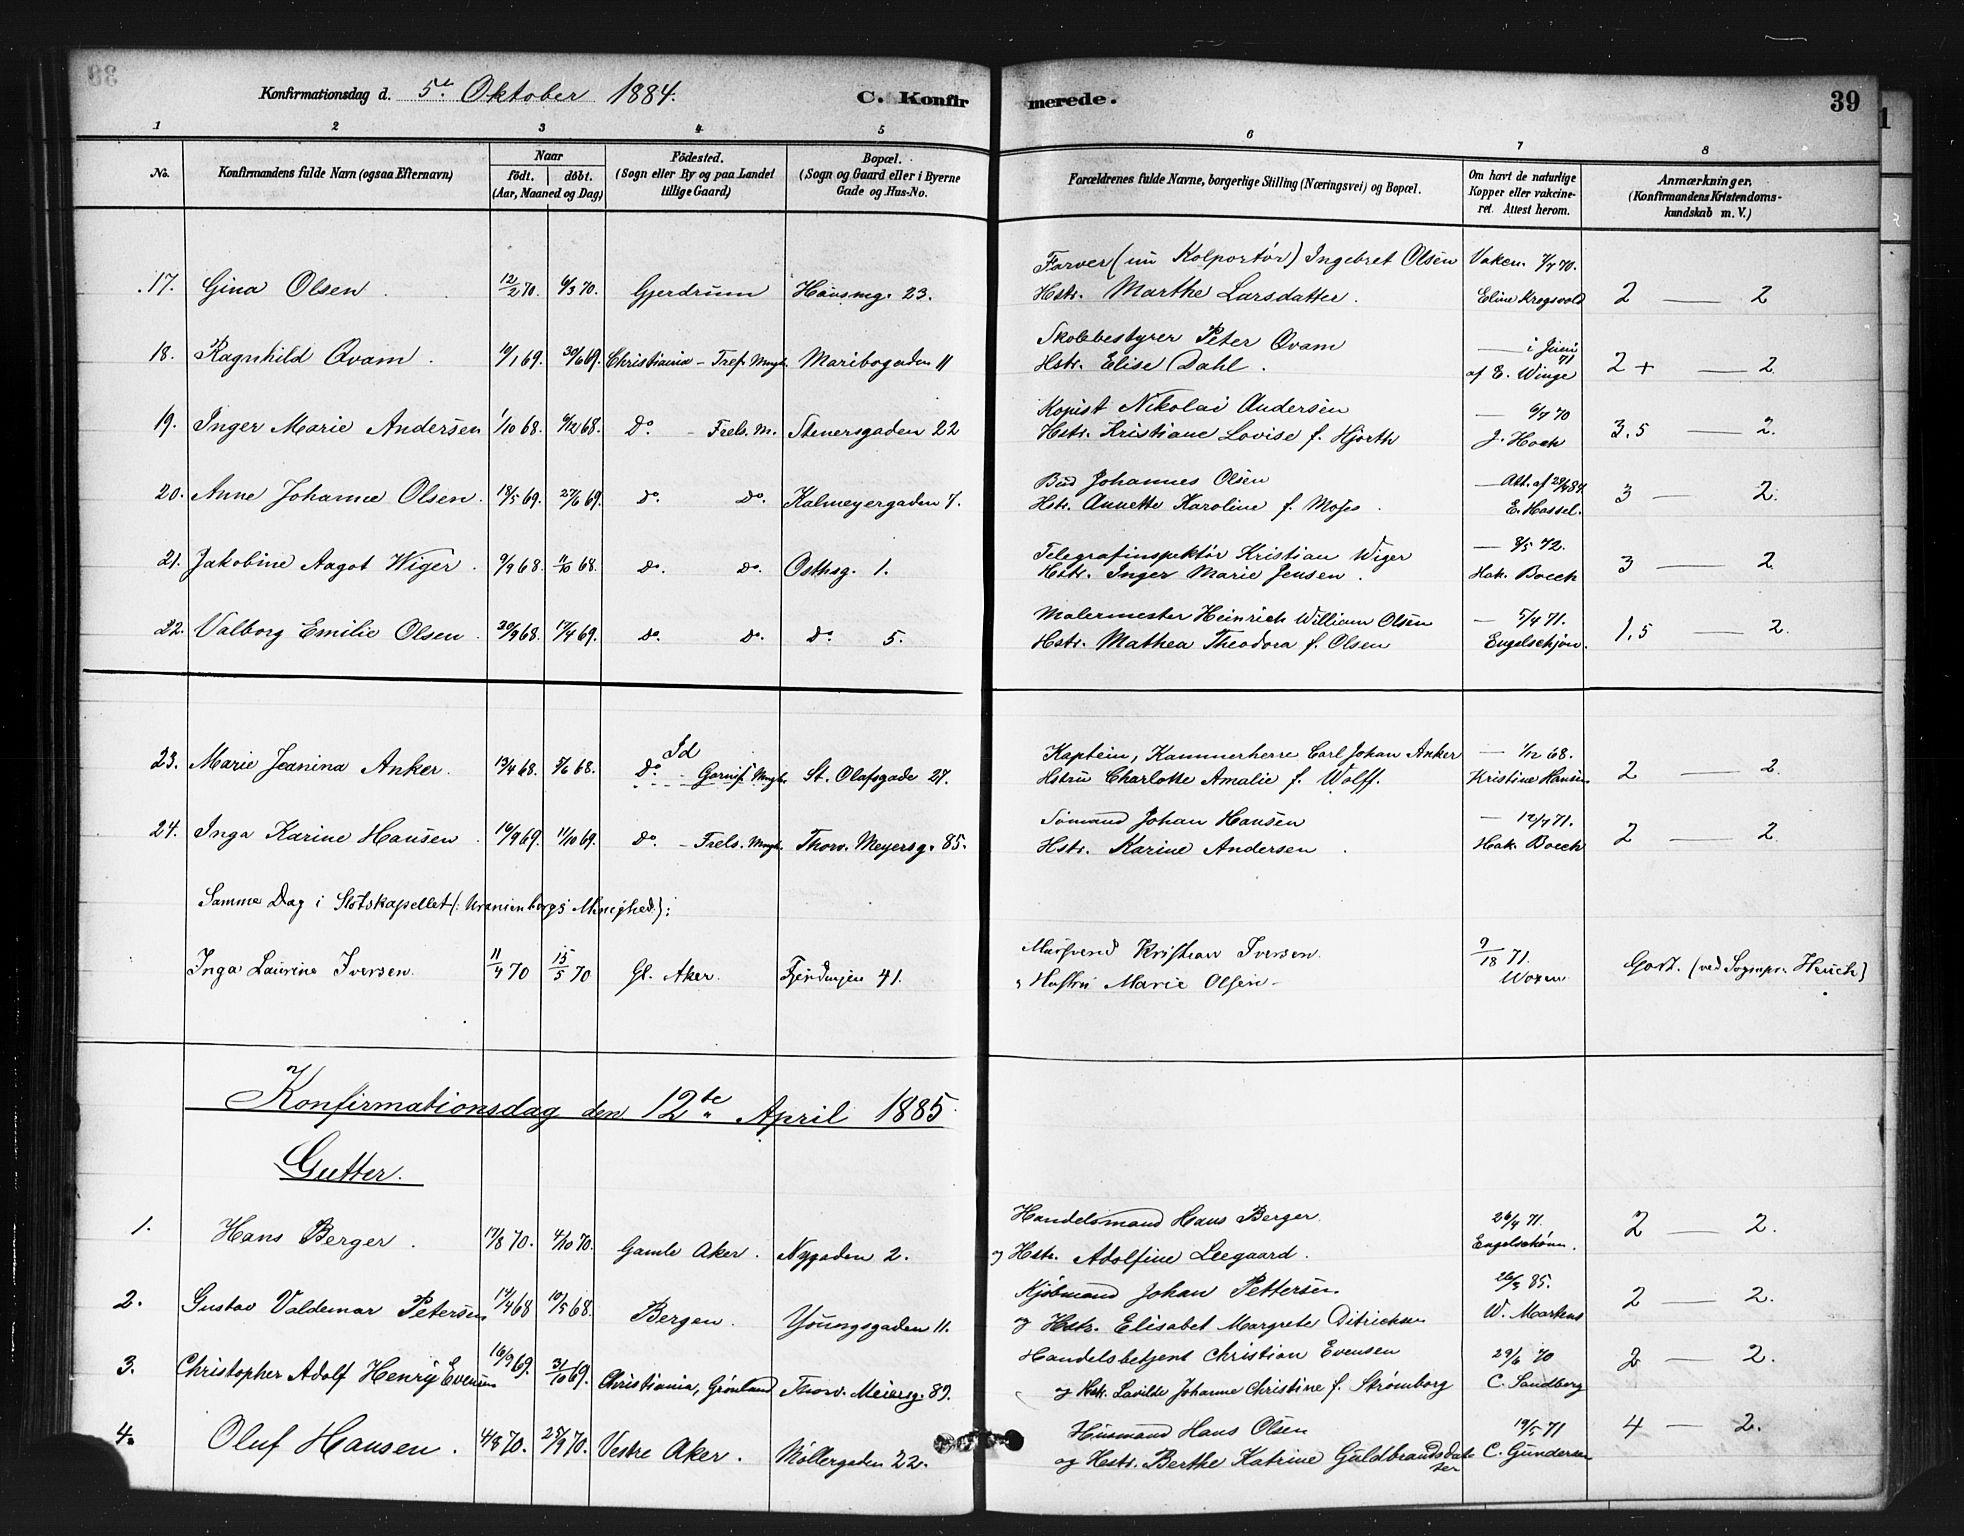 SAO, Jakob prestekontor Kirkebøker, F/Fa/L0004: Ministerialbok nr. 4, 1880-1894, s. 39